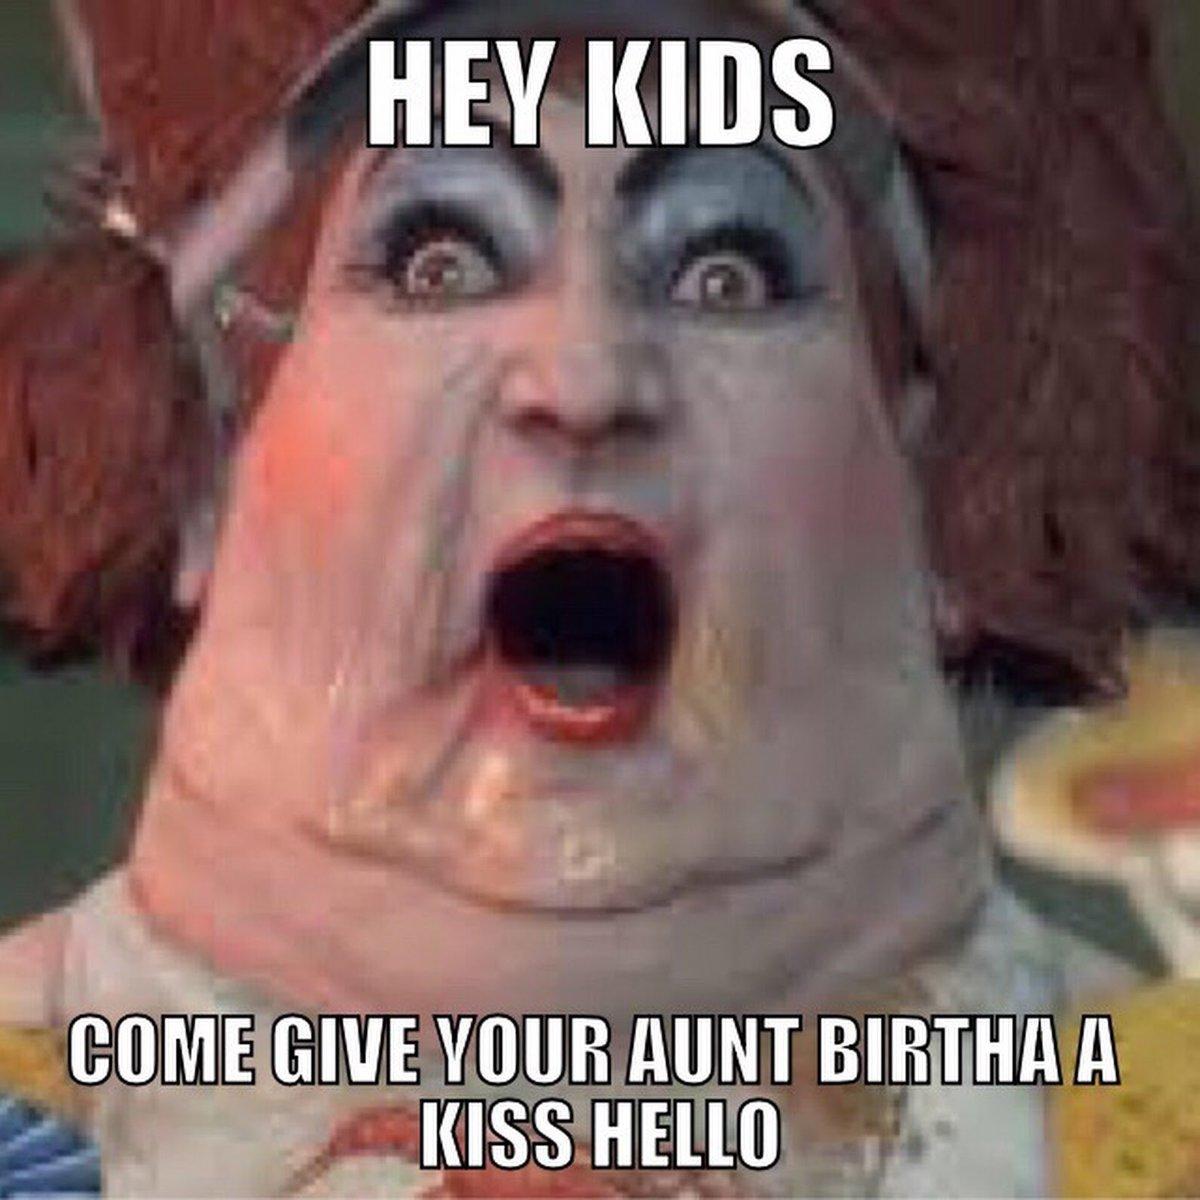 Funny Dirty Memes On Twitter Memes Meme Funny Dankmemes